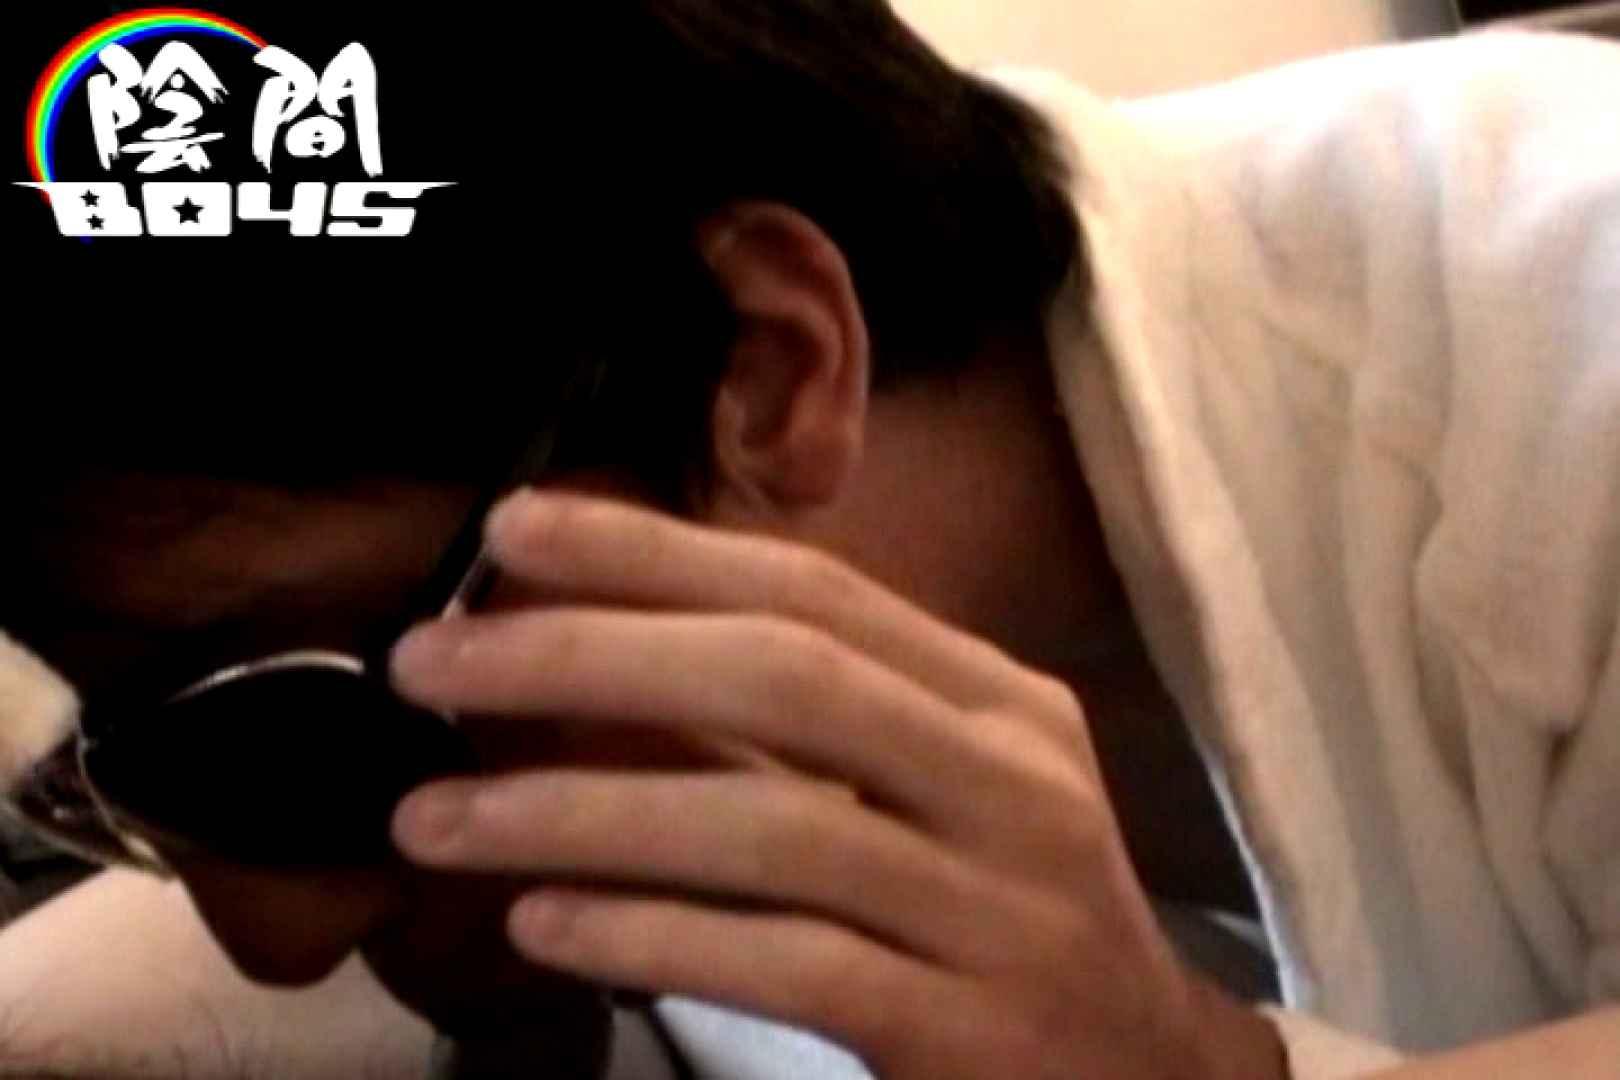 陰間BOYS~Mixed Hot-Guy~02 ゲイのオナニー映像  91枚 45